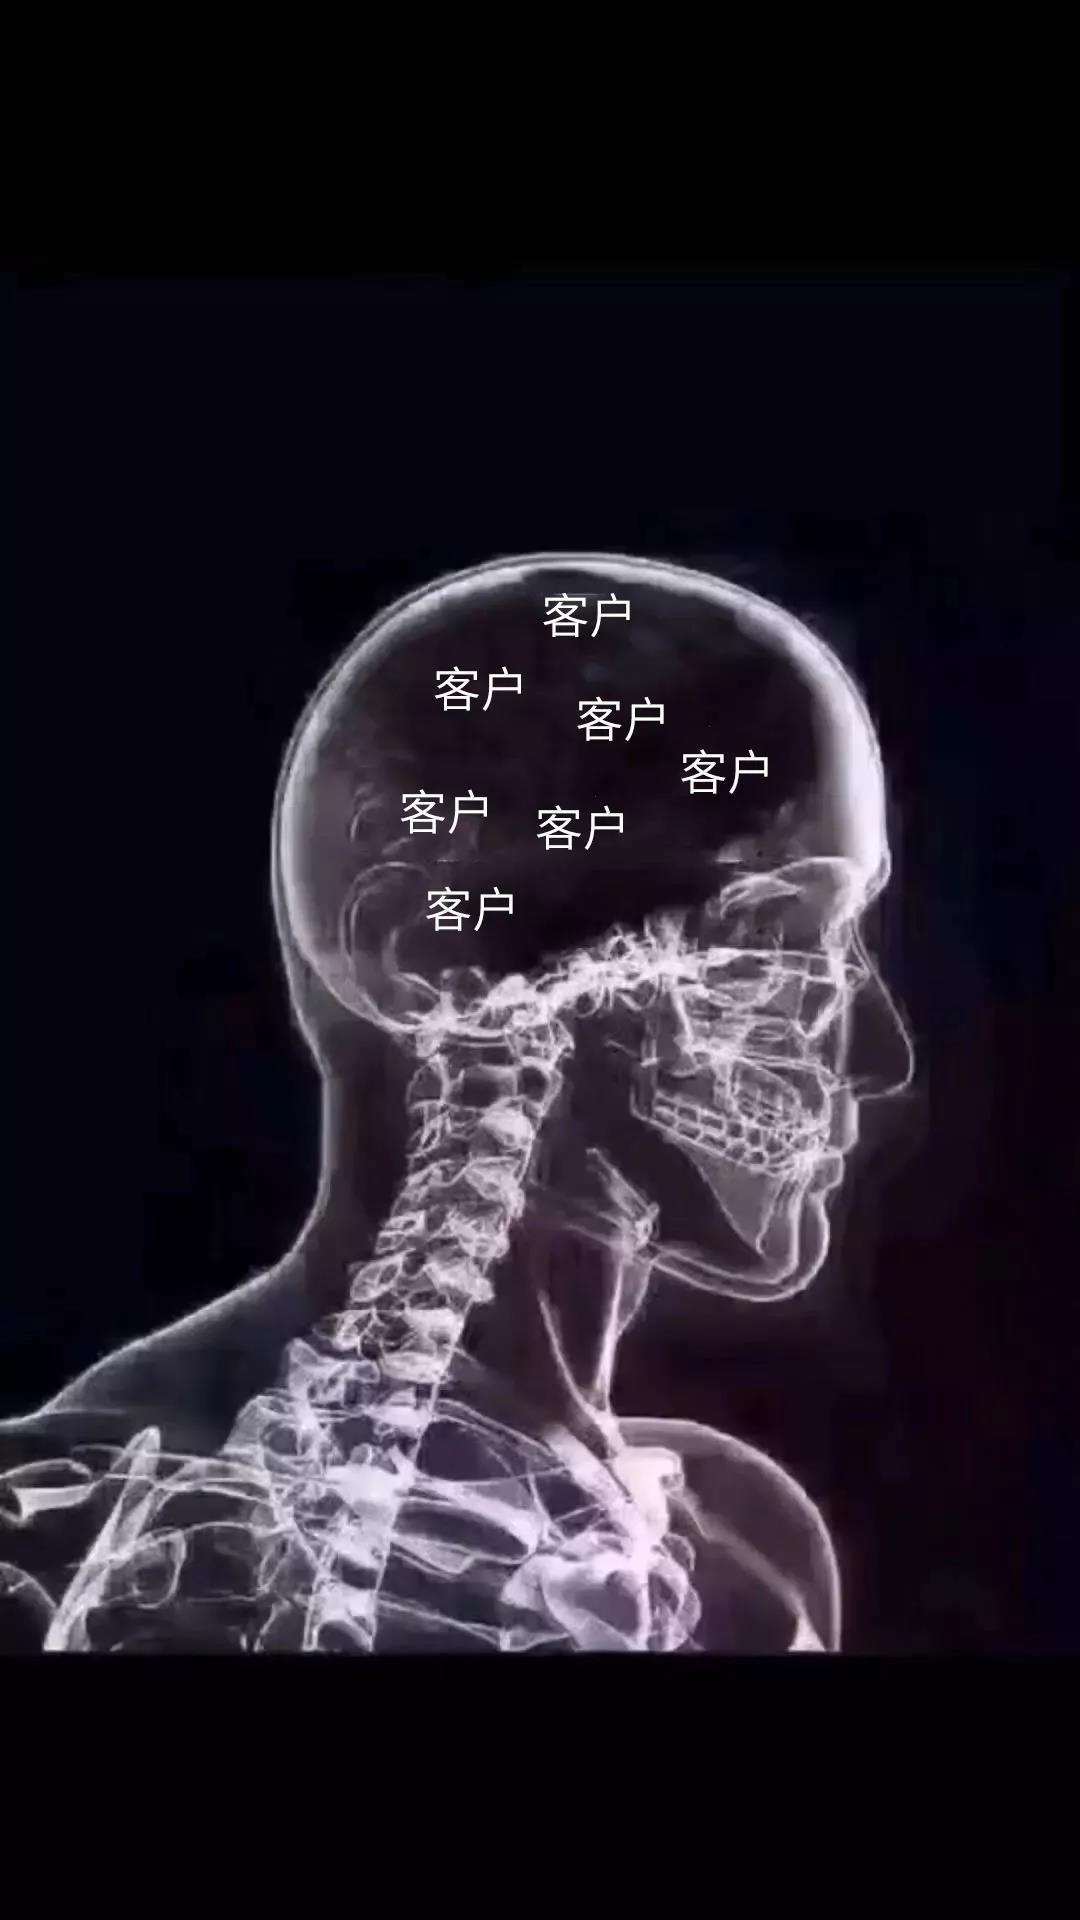 抖音套路:今天脑子疼,脑部ct图图片